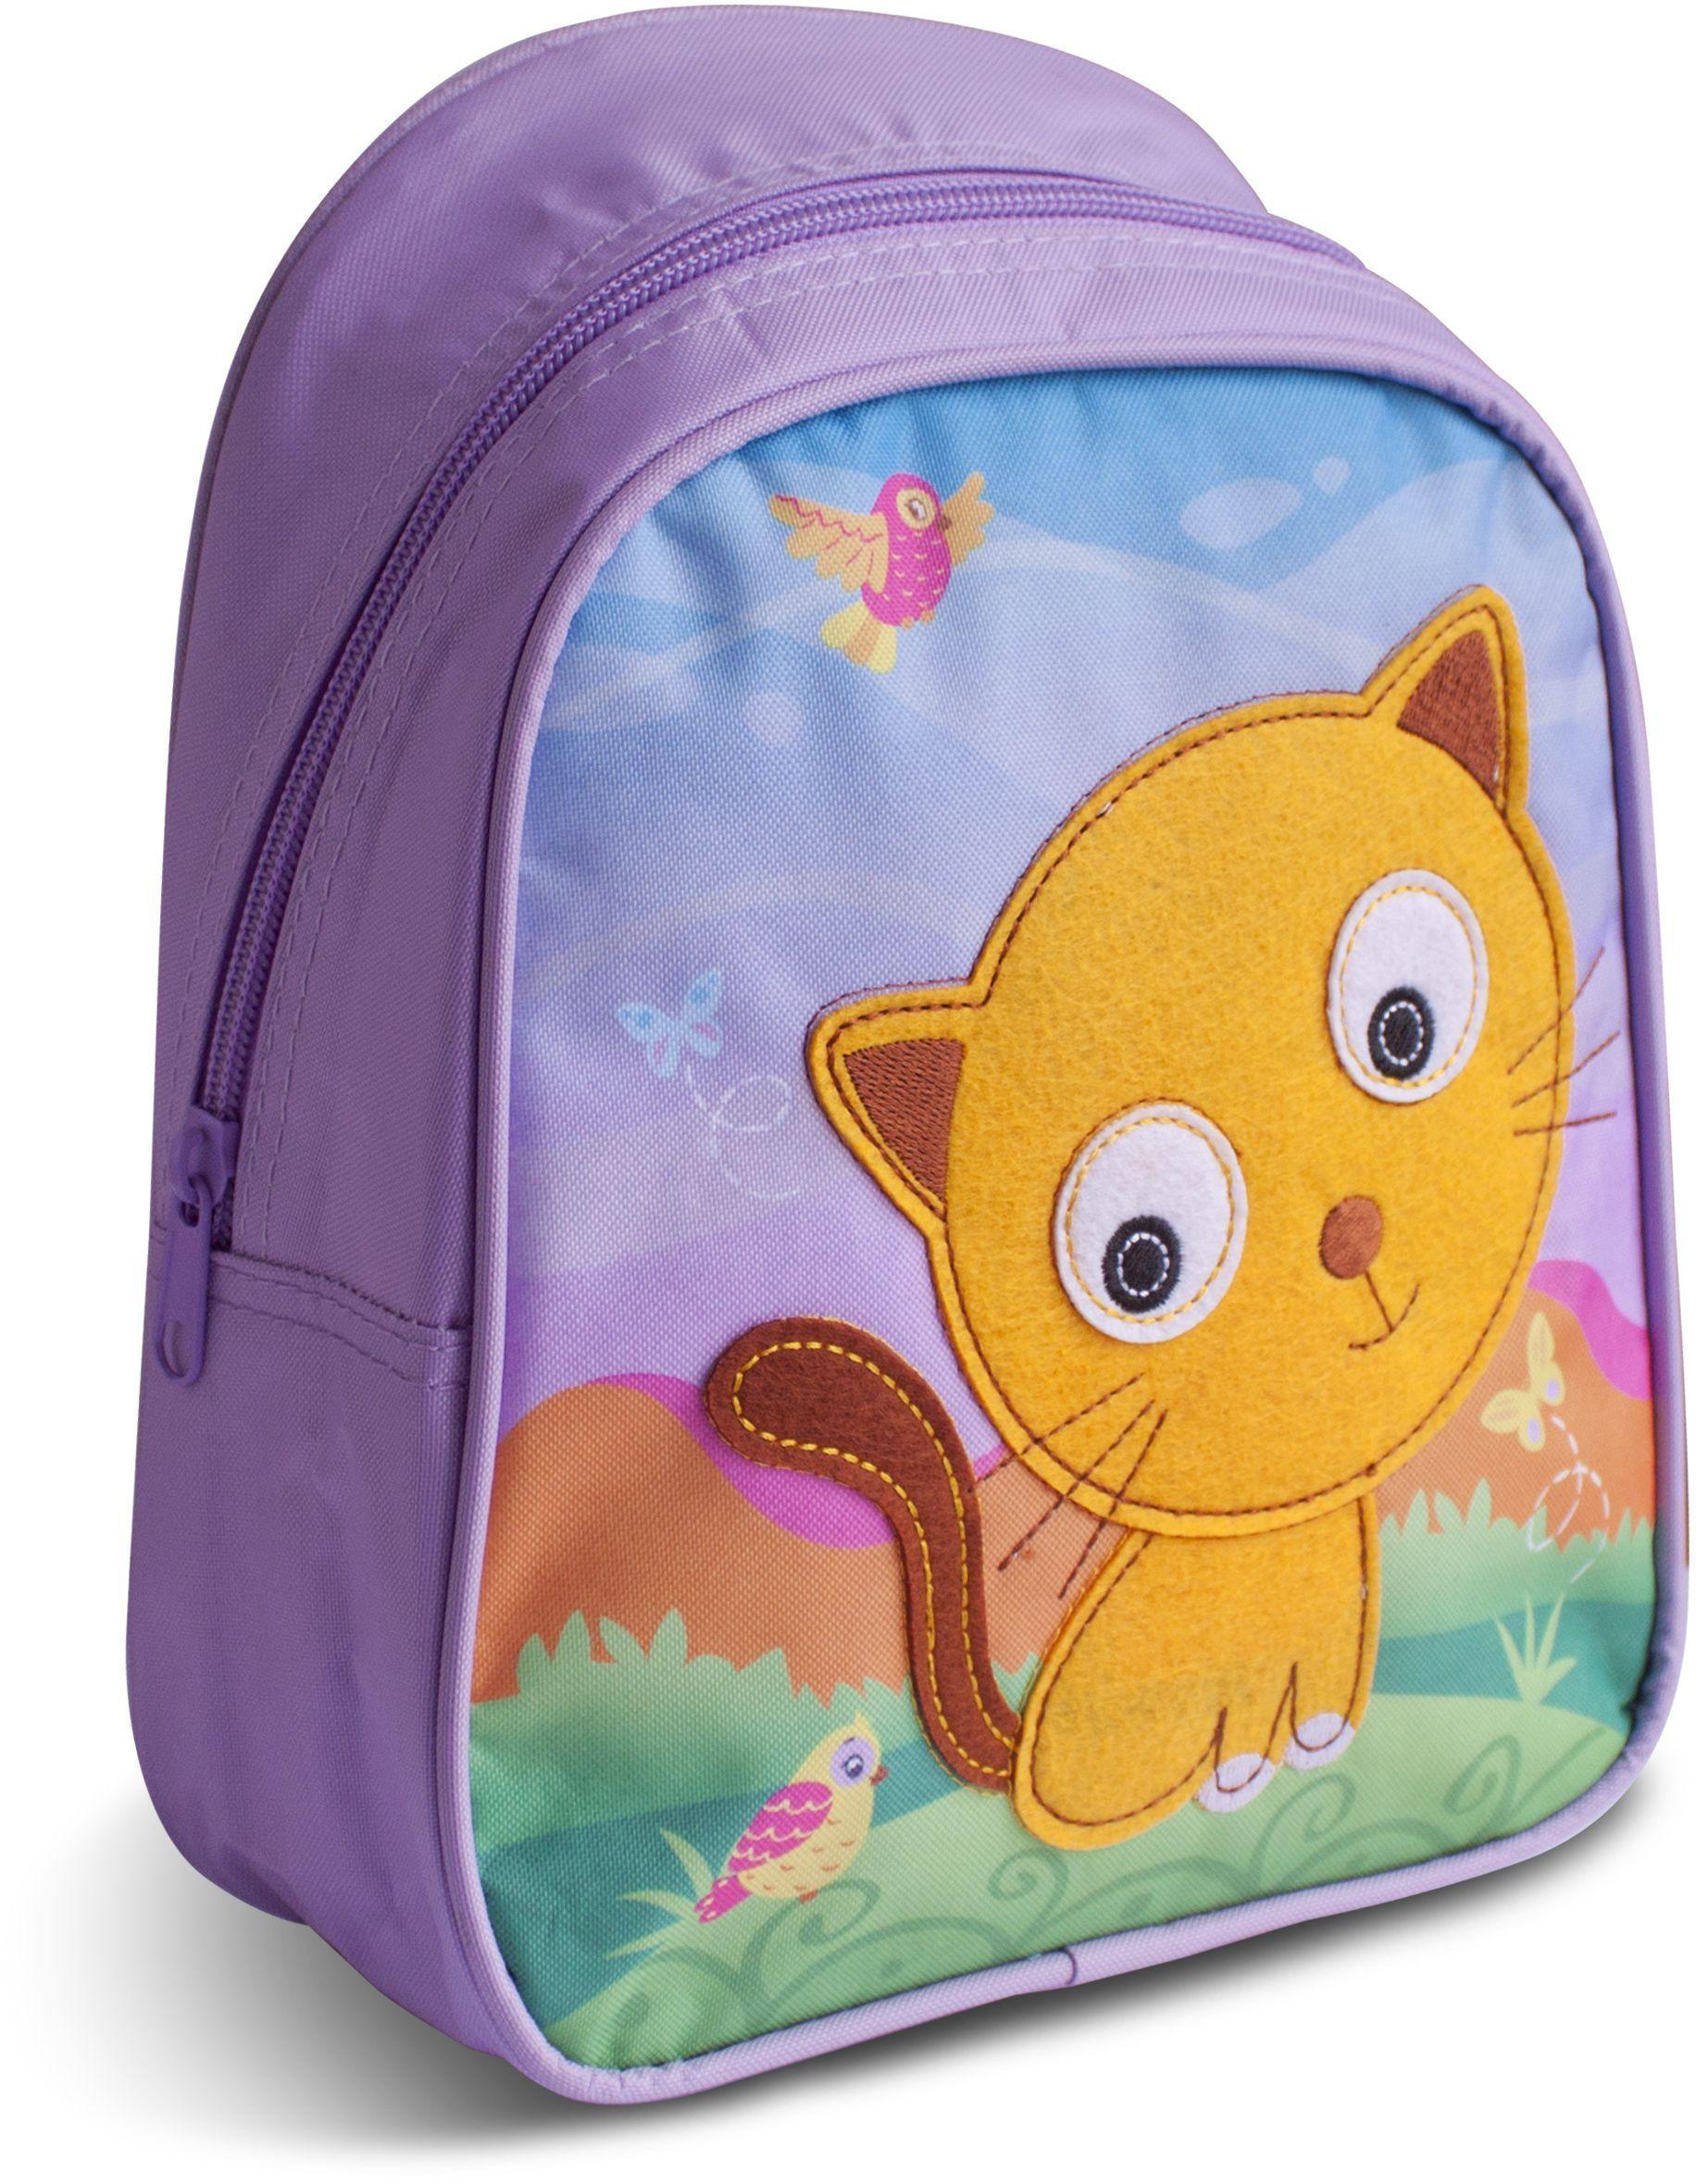 Рюкзак для дошкольника КОТ, 23х19х8 см, 3+